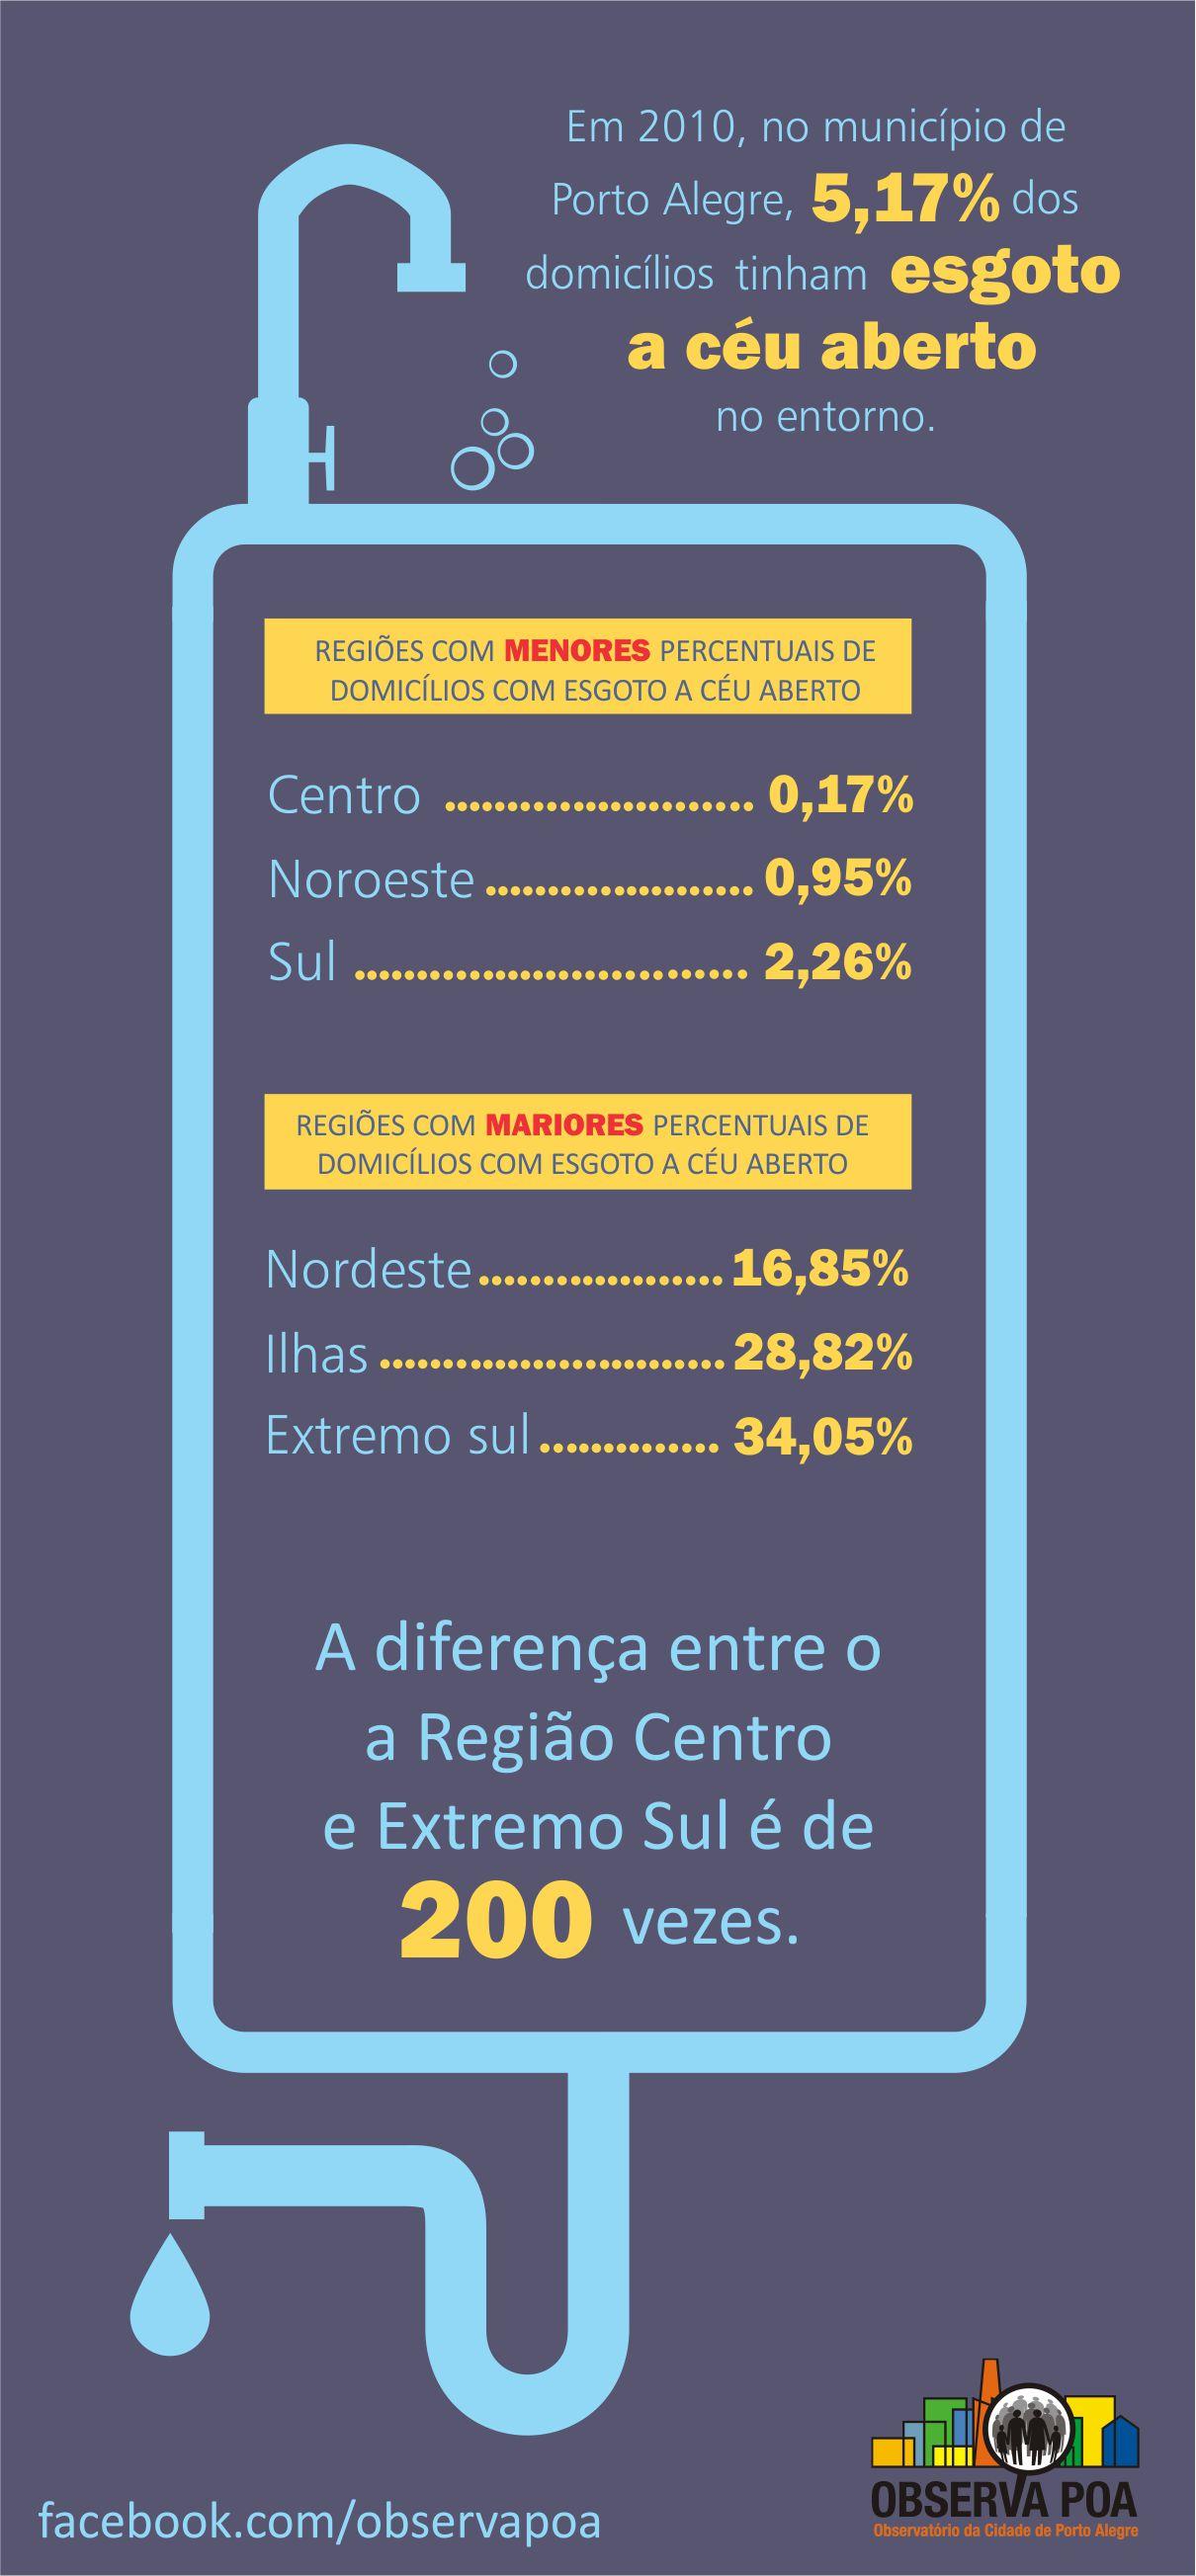 Infográfico sobre esgoto a céu aberto.